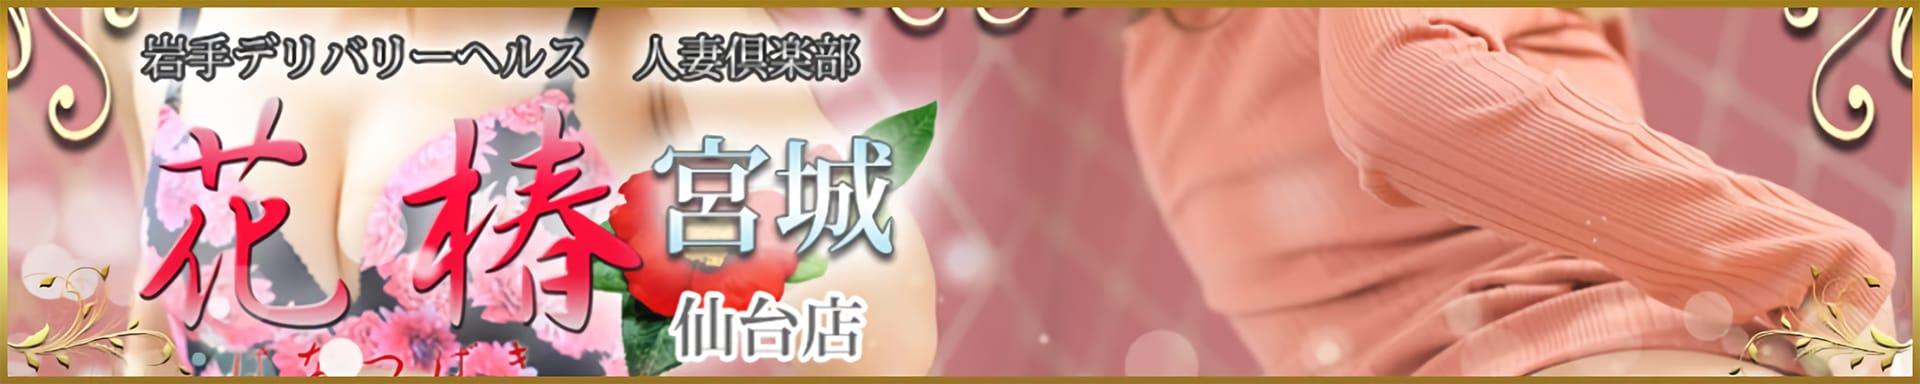 花椿 仙台店 その3